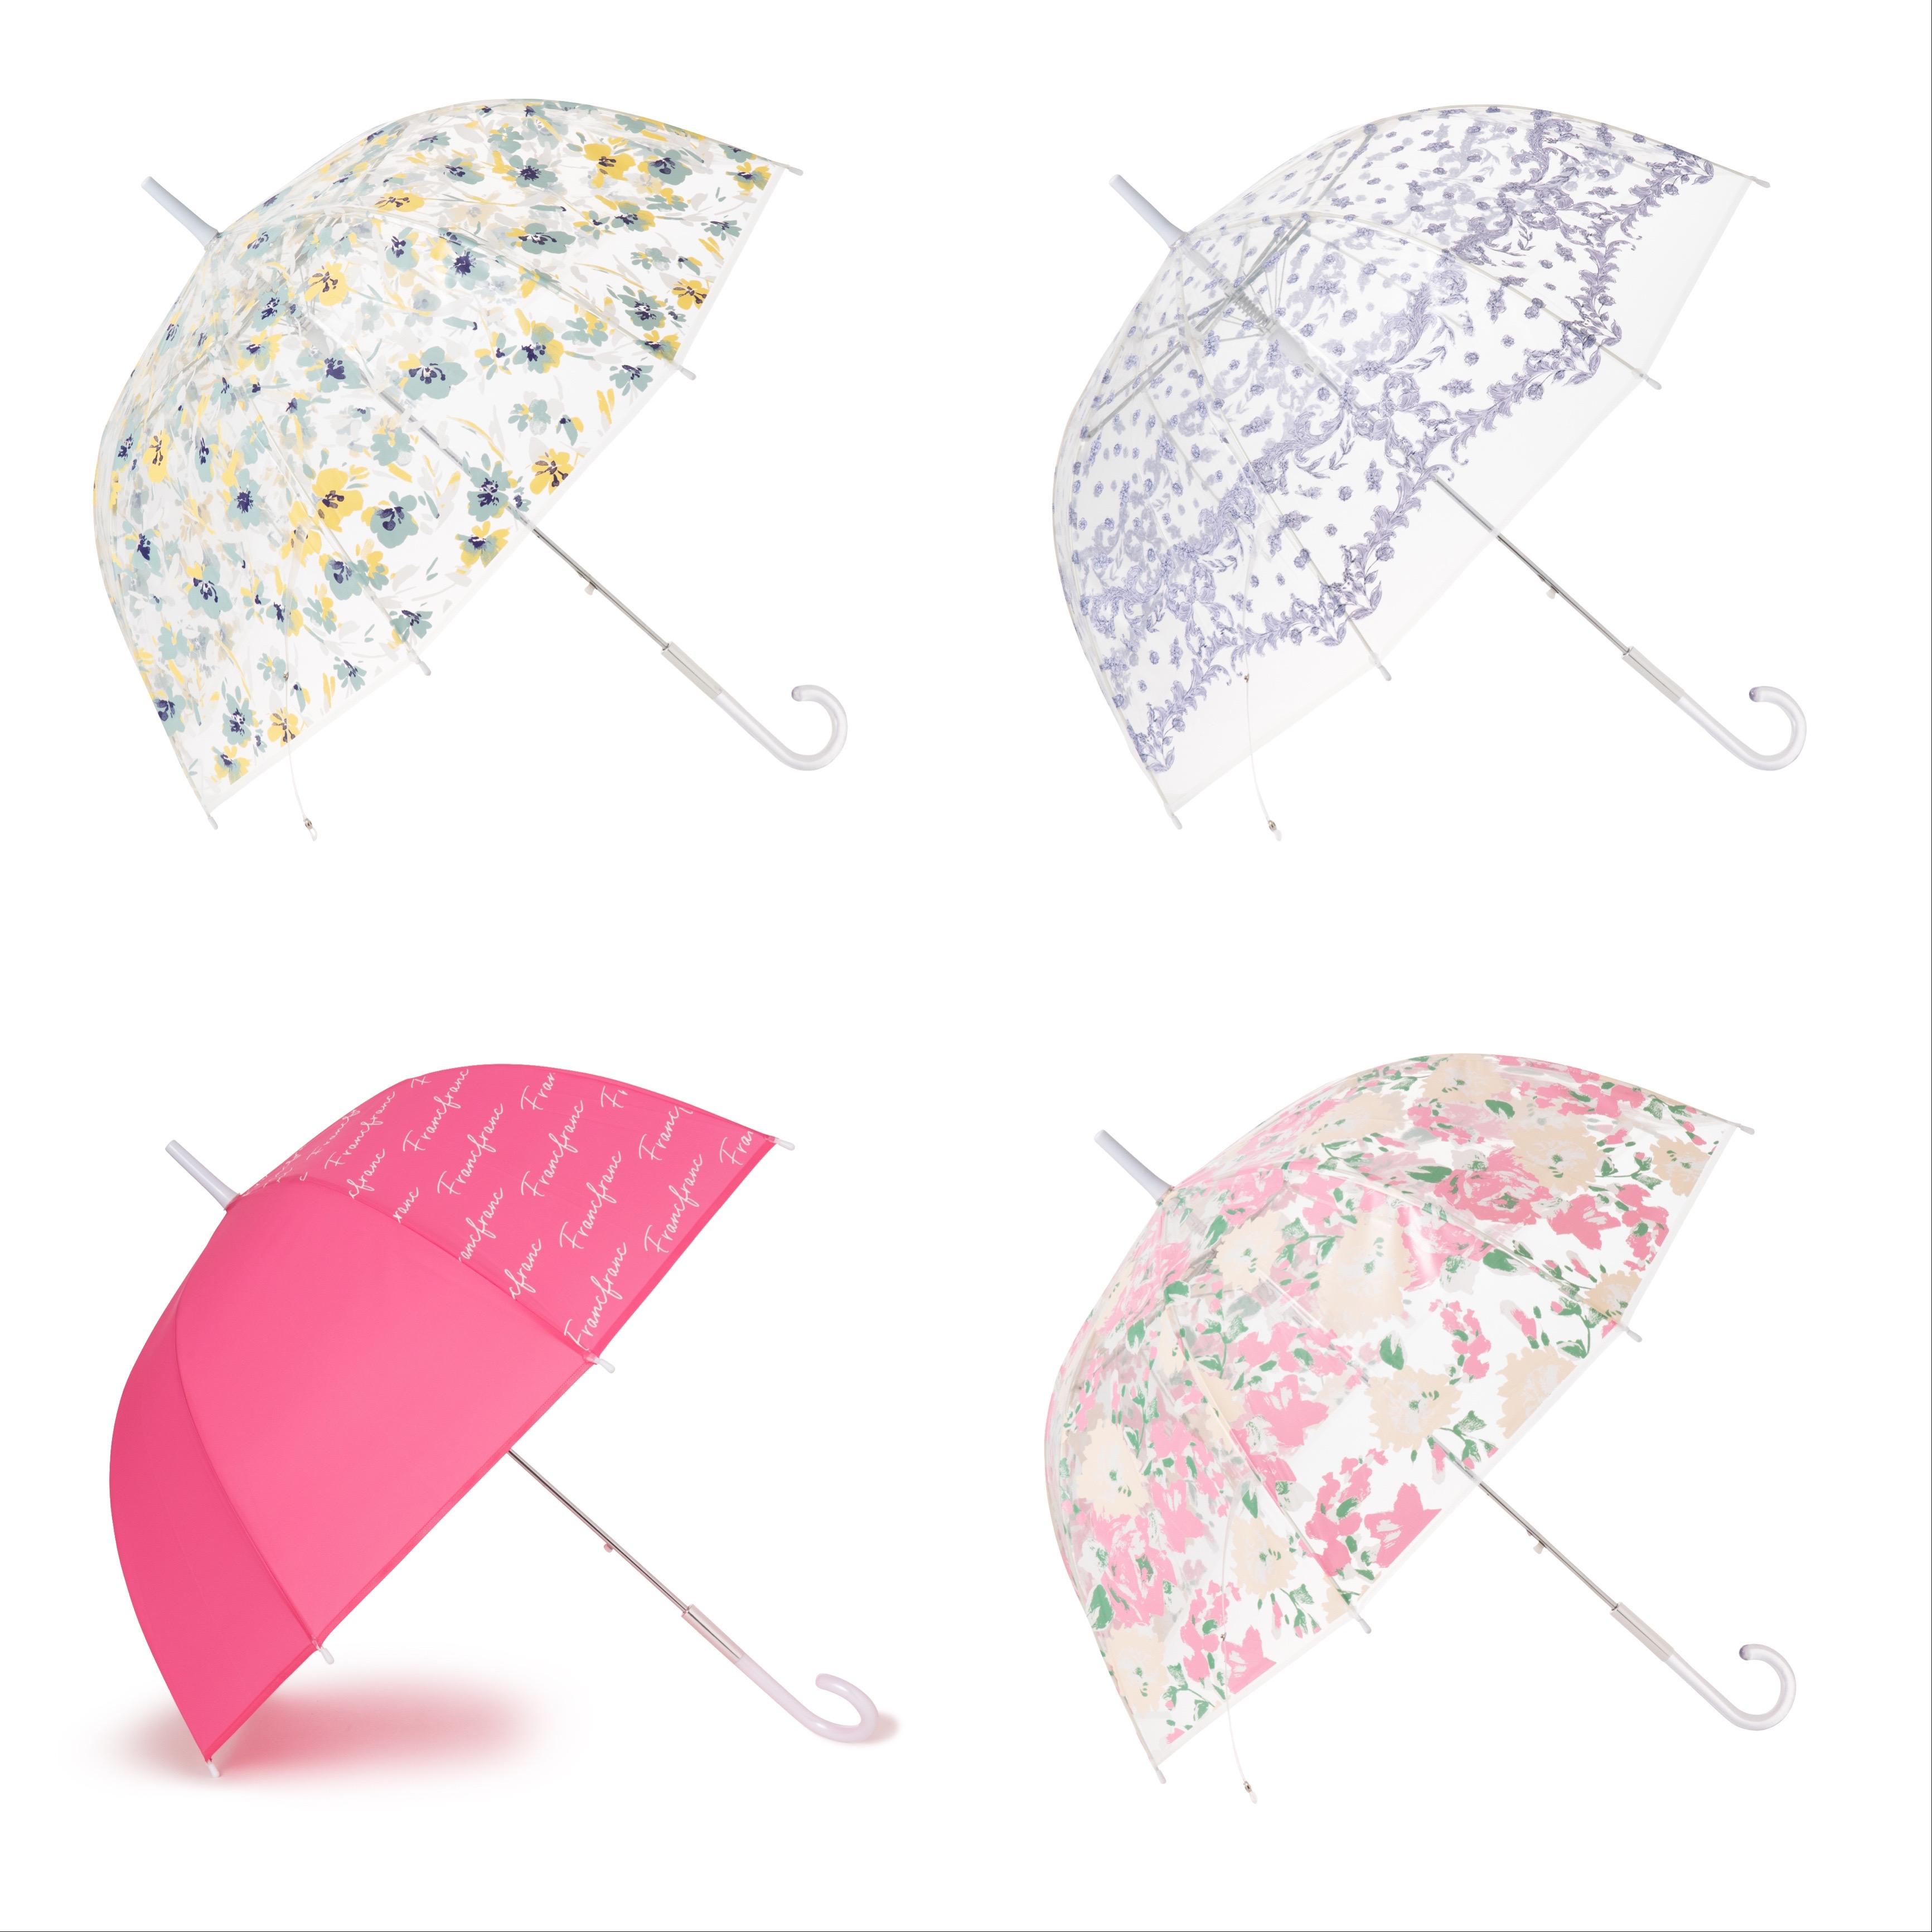 梅雨を楽しく可愛く乗り切る!『フランフラン』のレイングッズ、これがおすすめ♡_1